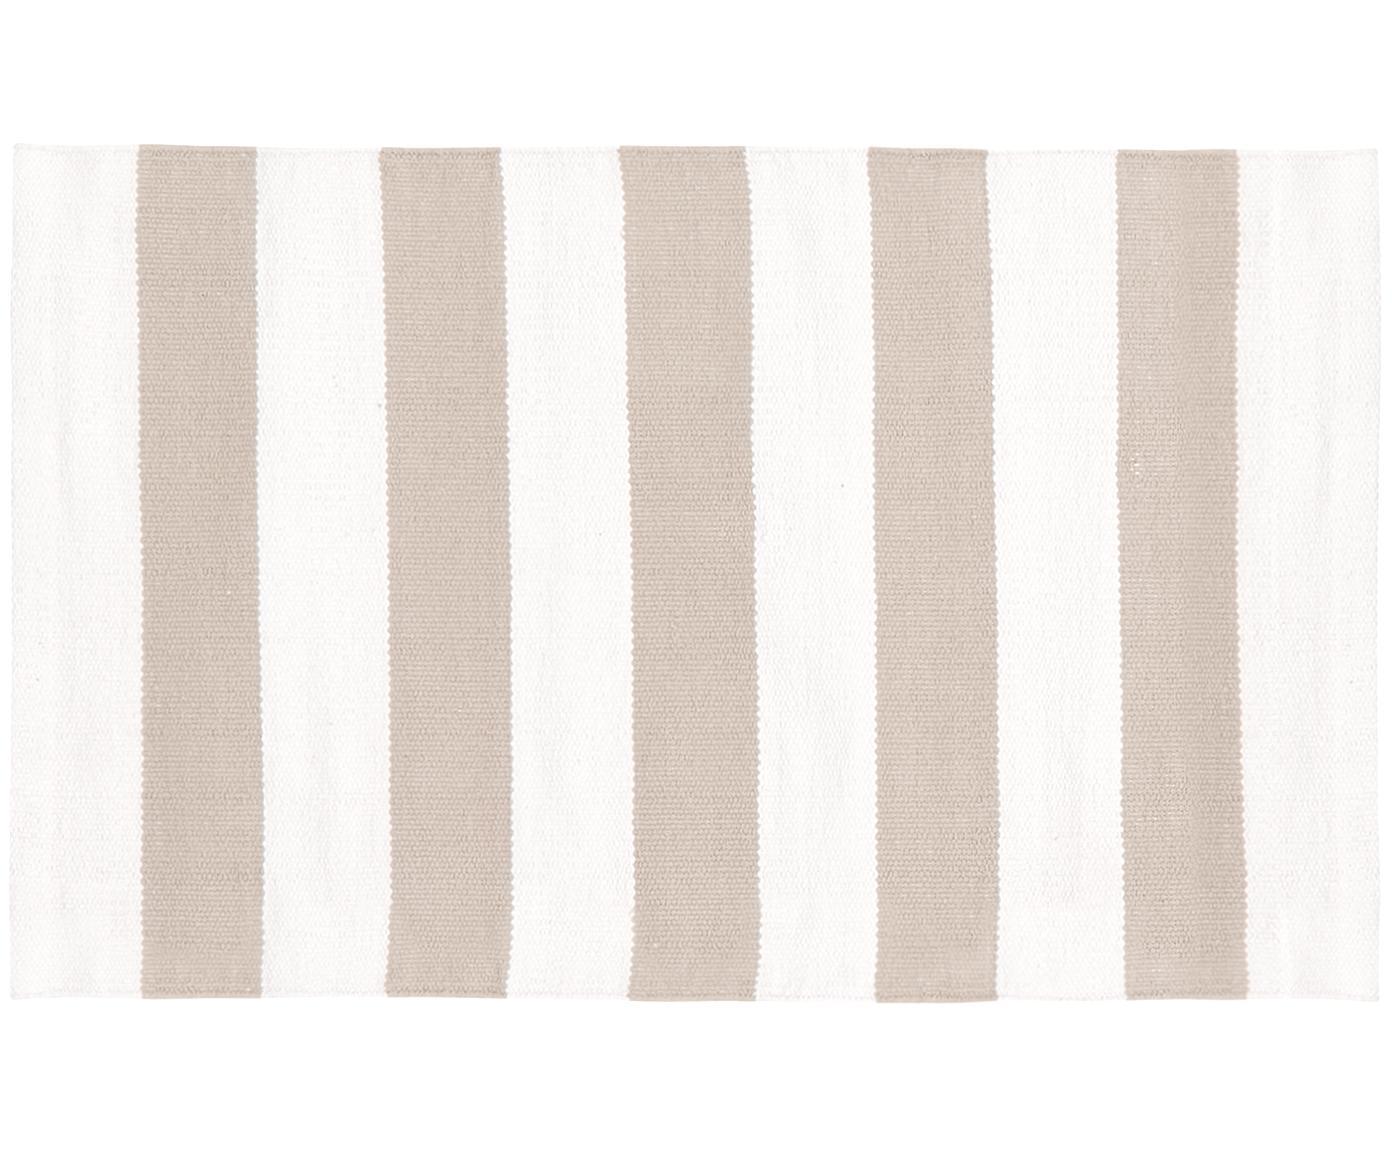 Gestreifter Baumwollteppich Blocker in Beige/Weiss, handgewebt, 100% Baumwolle, Cremeweiss/Taupe, B 50 x L 80 cm (Grösse XXS)